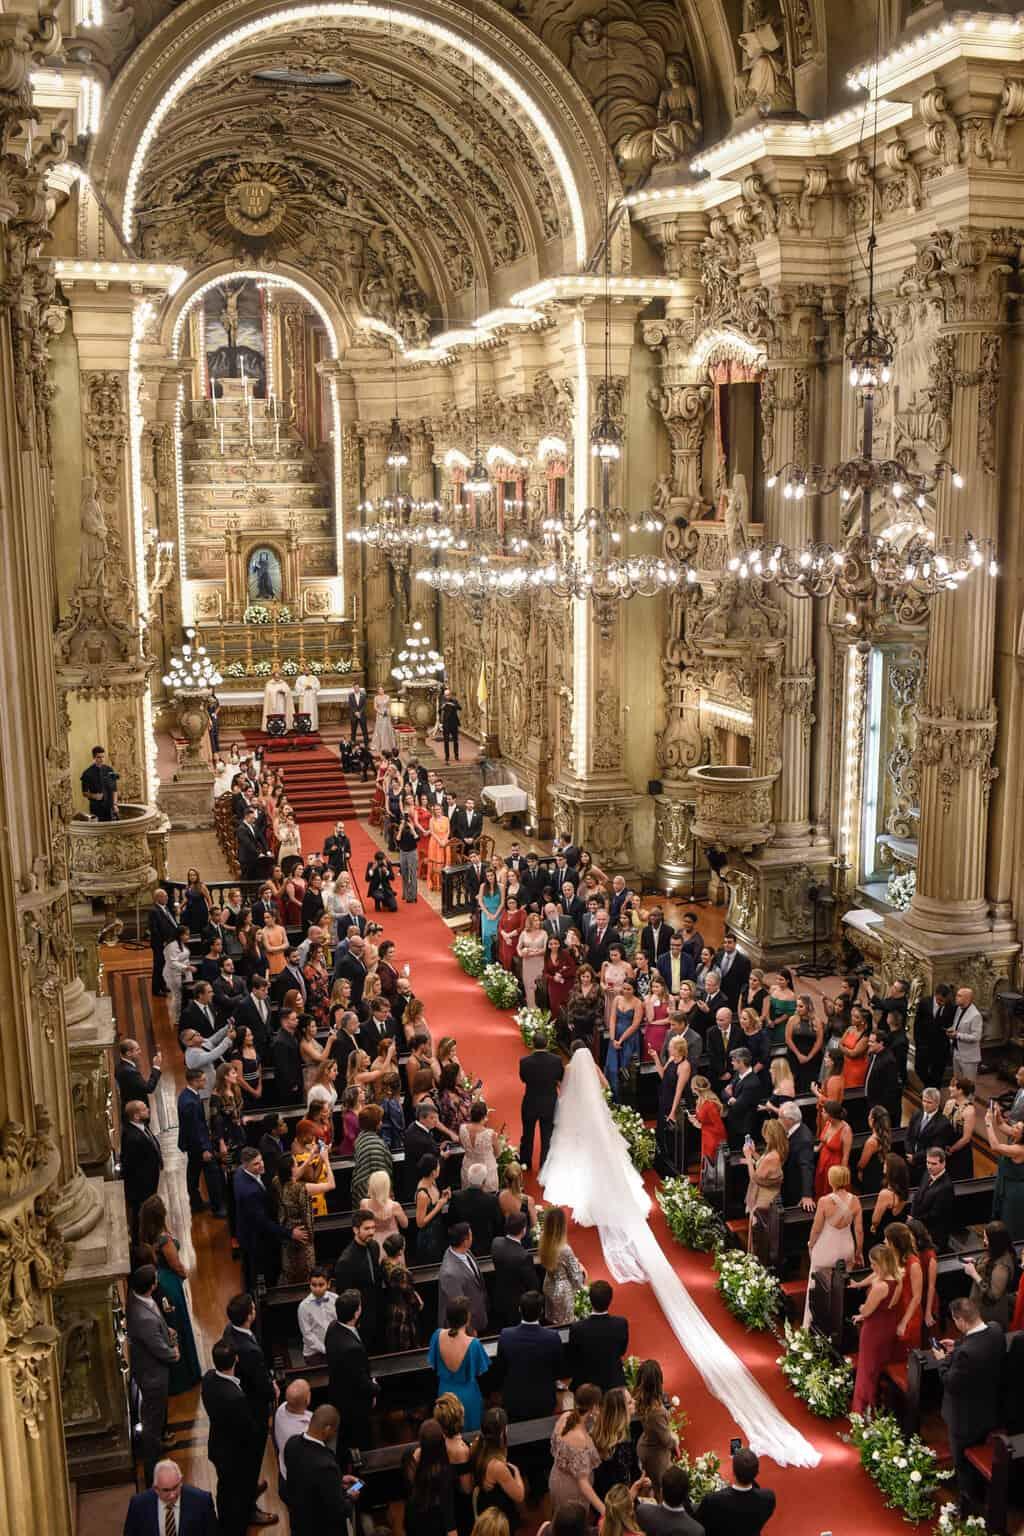 casamento-Karynna-e-Fernando-cerimonia-na-igreja-cerimonial-TCD-Eventos-fotografia-Marina-Fava-Igreja-São-Francisco-de-Paula44